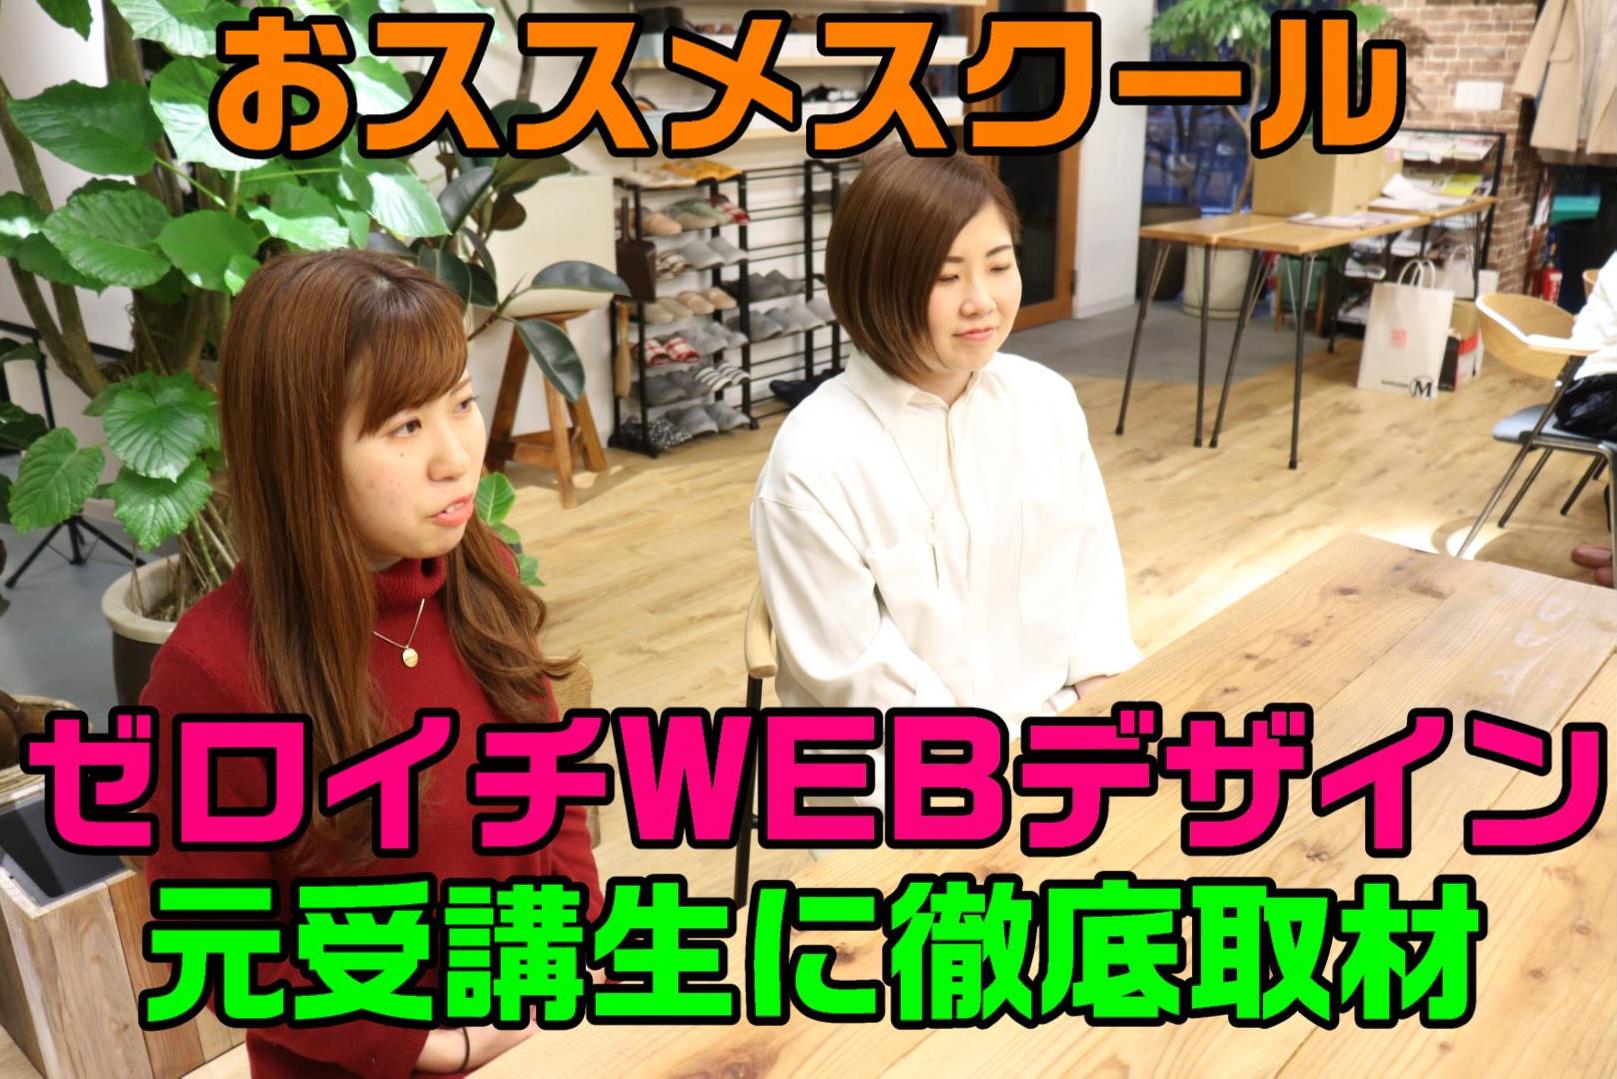 ゼロイチWEBデザインの日本デザインスクールさんに潜入取材!